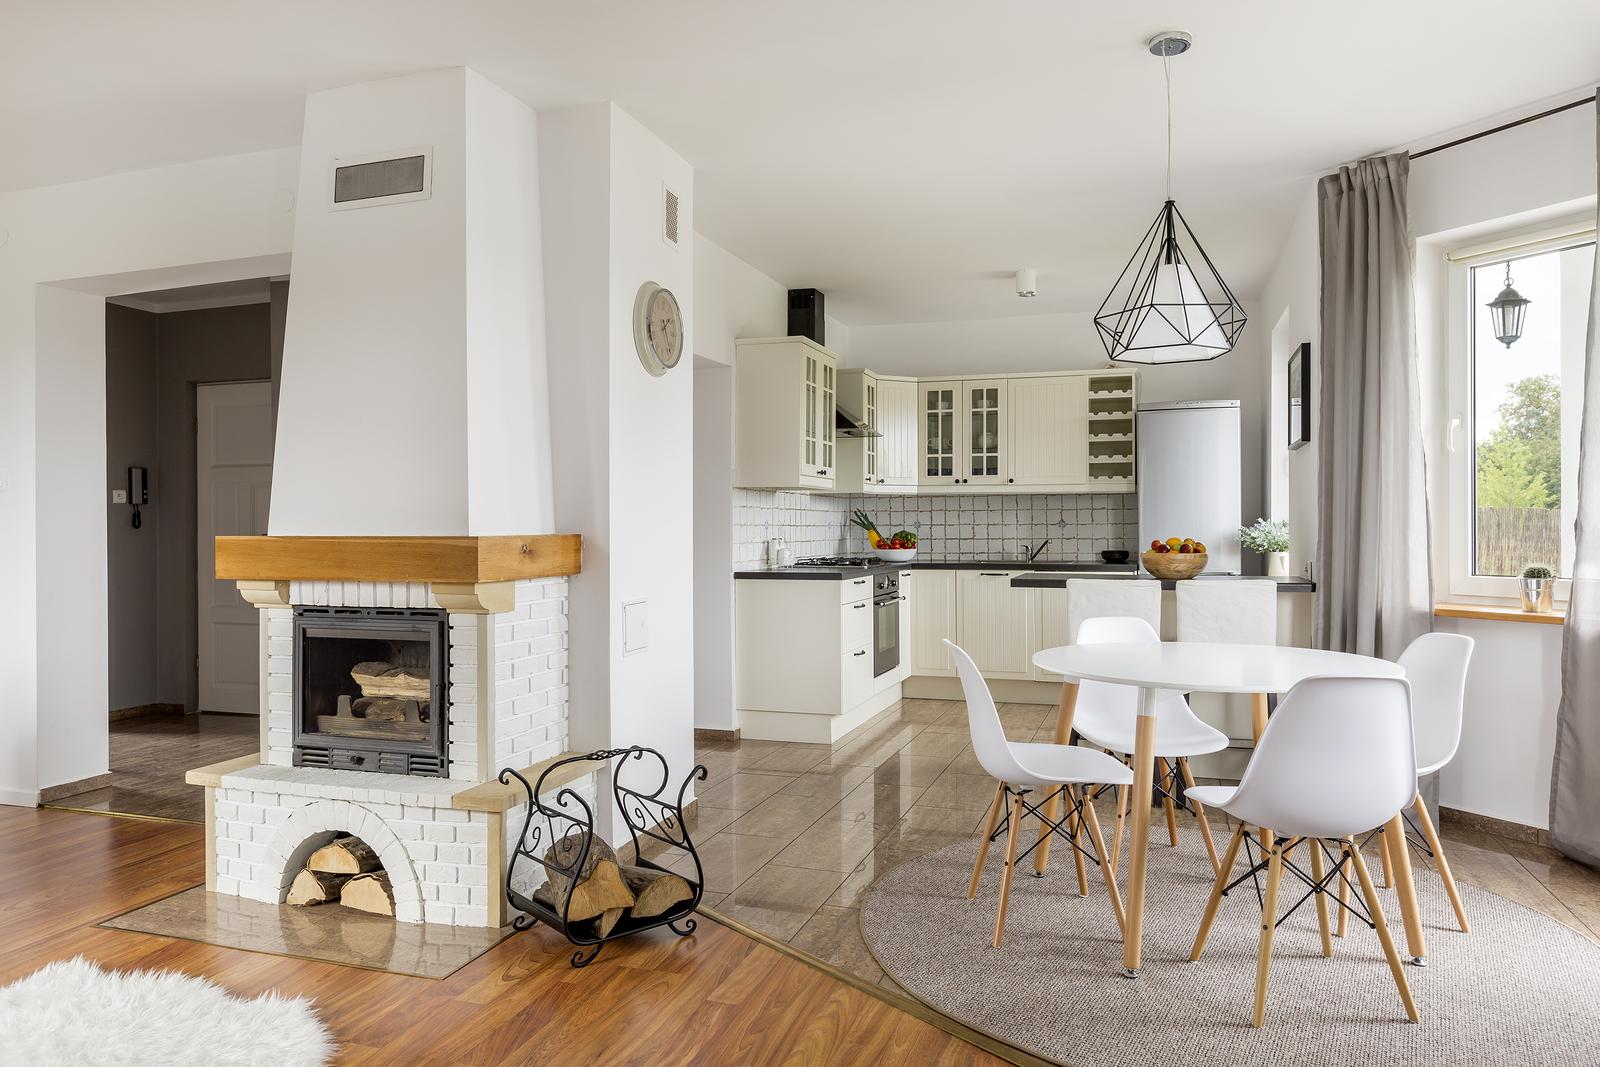 Tendencias 2018 en muebles de cocina diseño Madrid - Blog cocinas ...